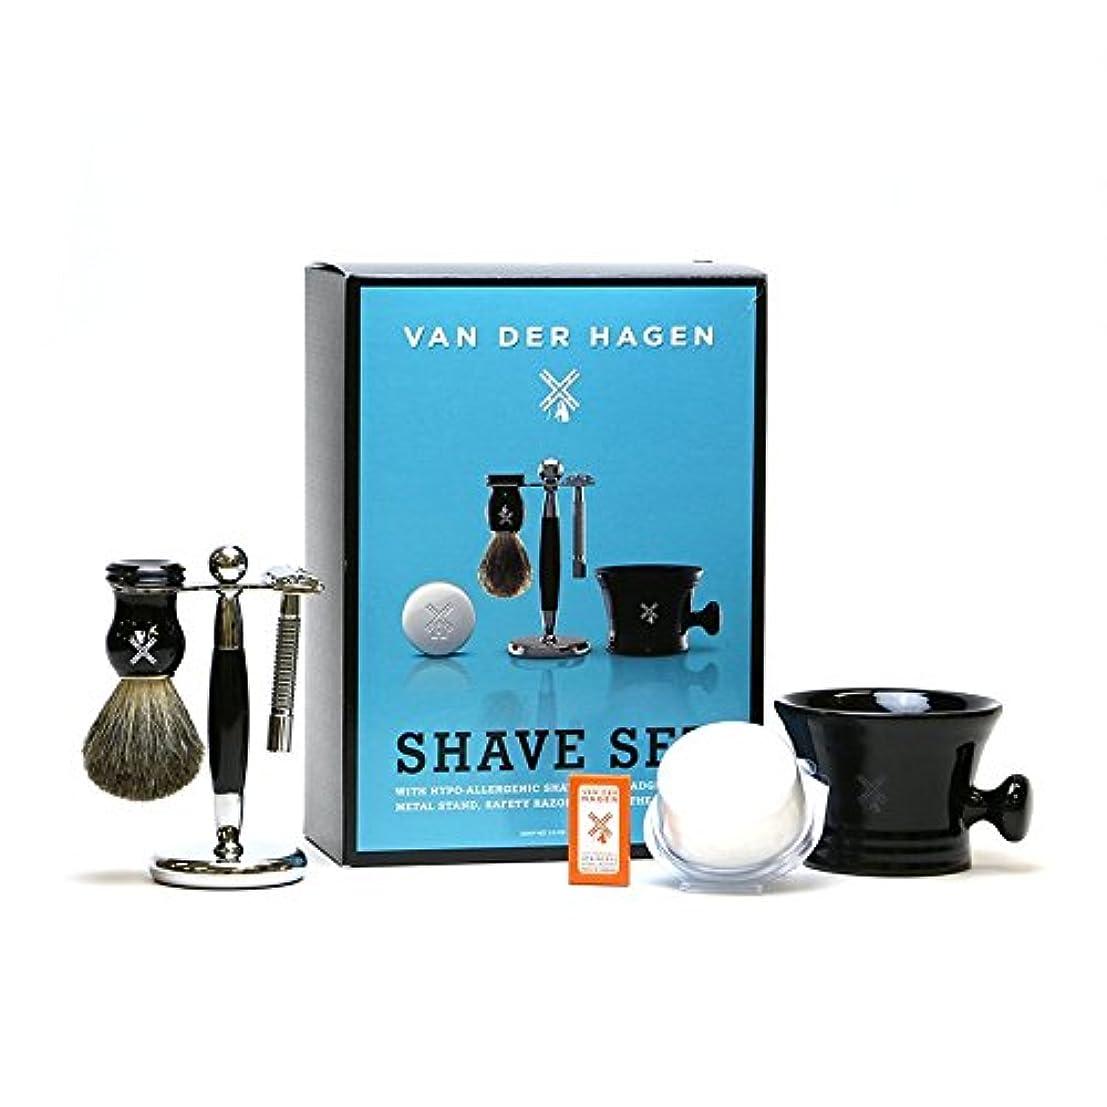 分岐する不要要求VANDERHAGEN(米) ウェットシェービングセット ビックブルーシェイブセット 両刃 髭剃り 替刃5枚付